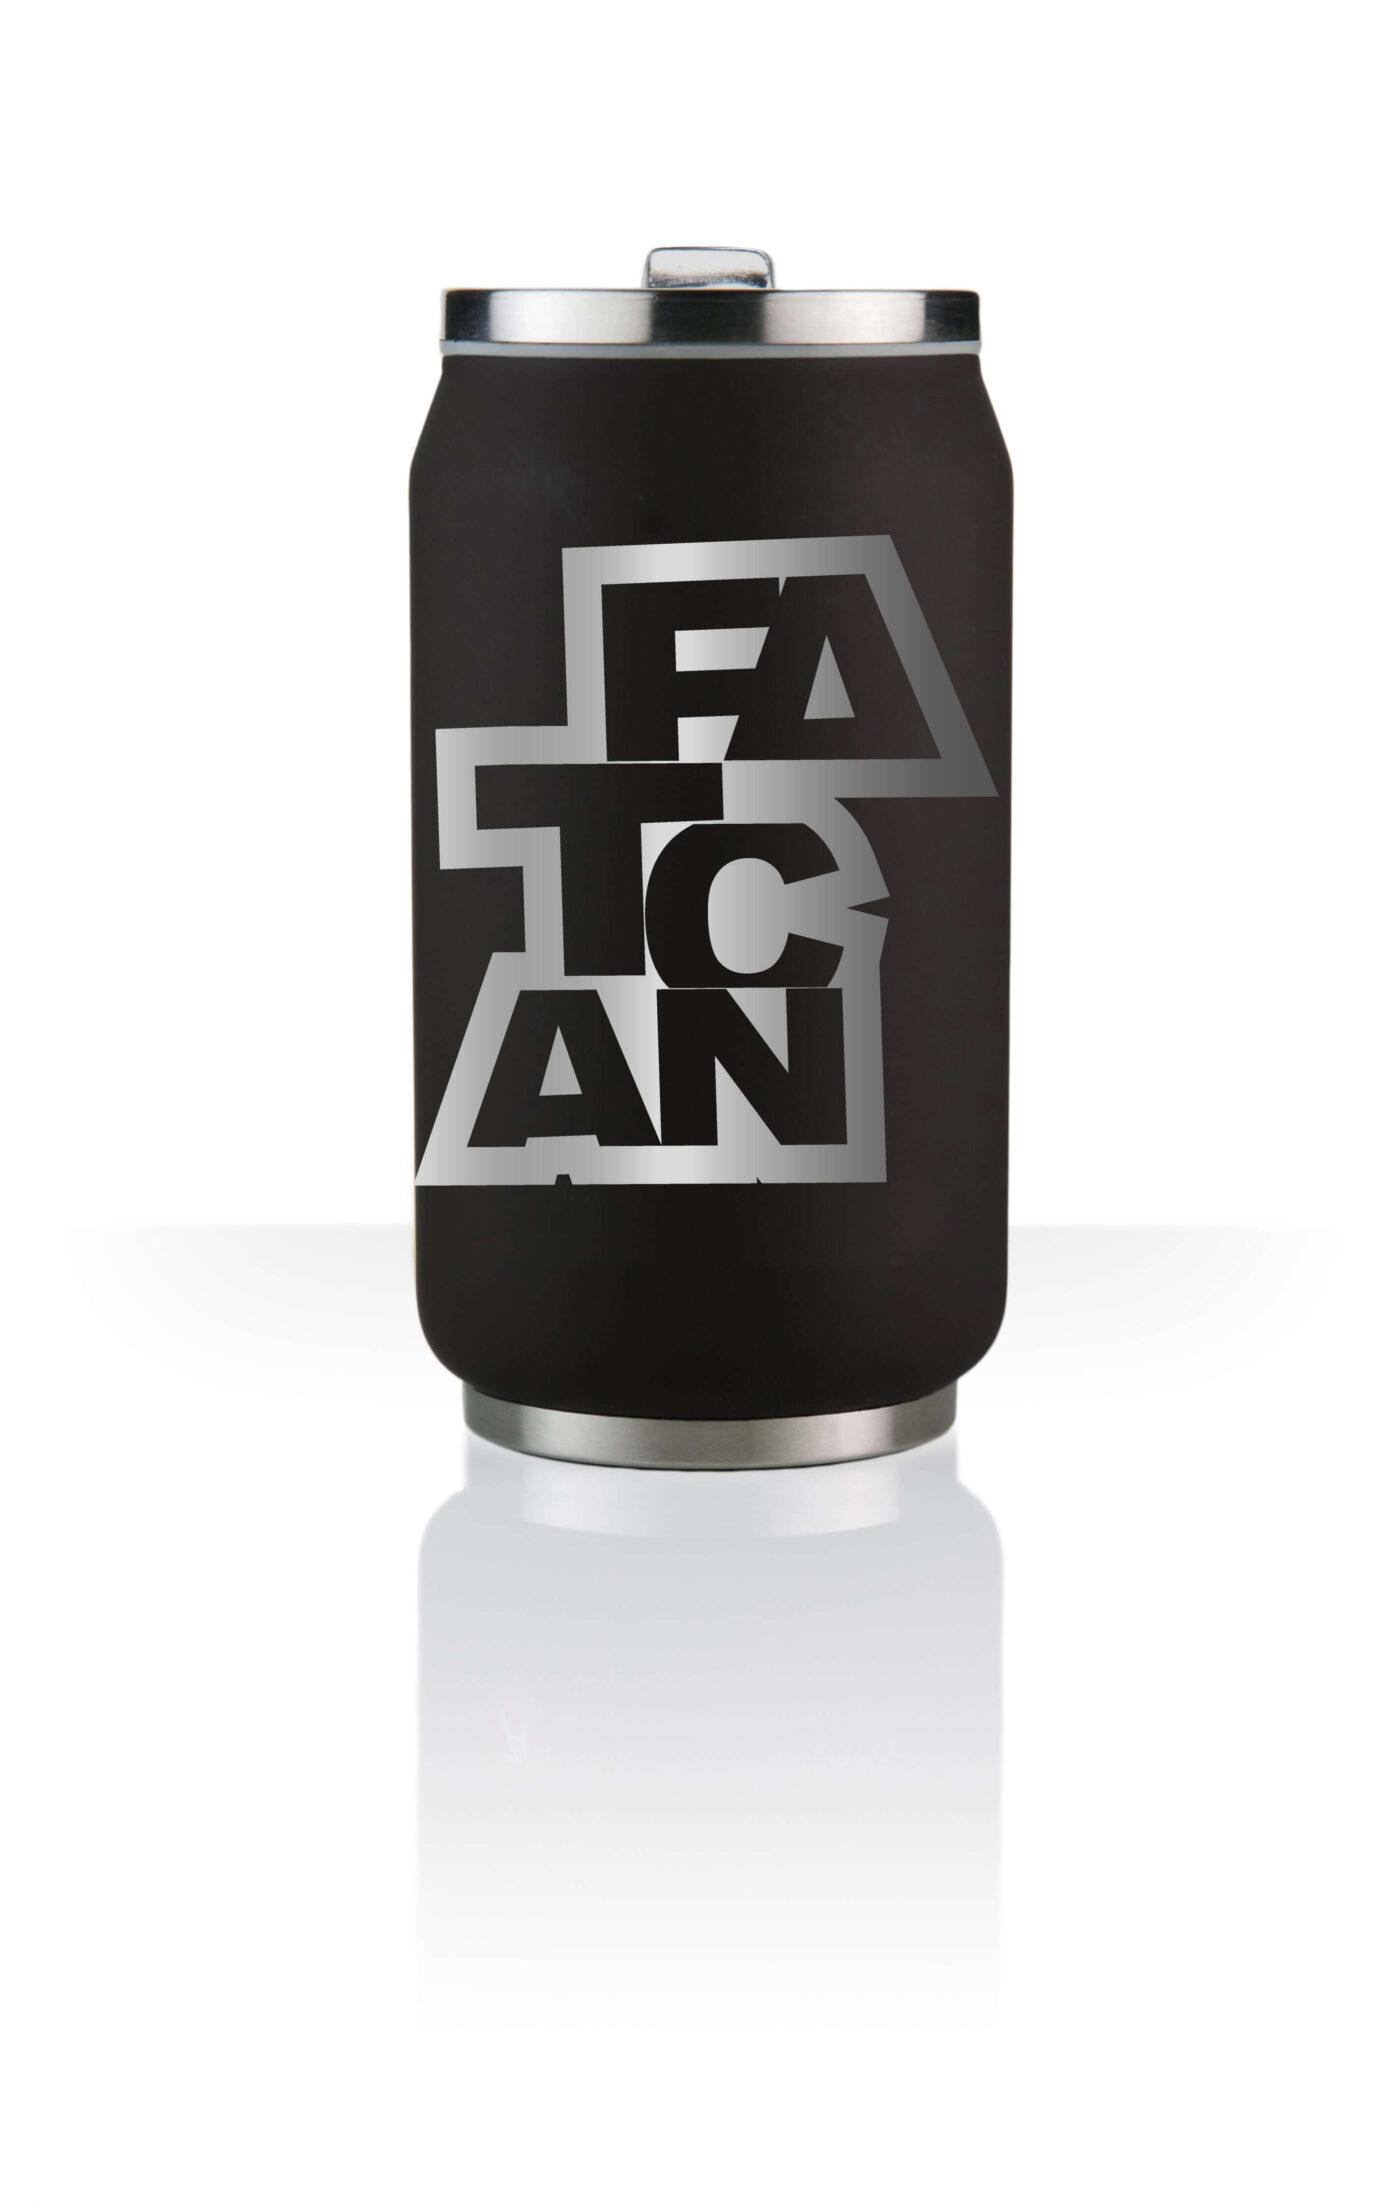 FATCAN_blackcurrant_matt_025